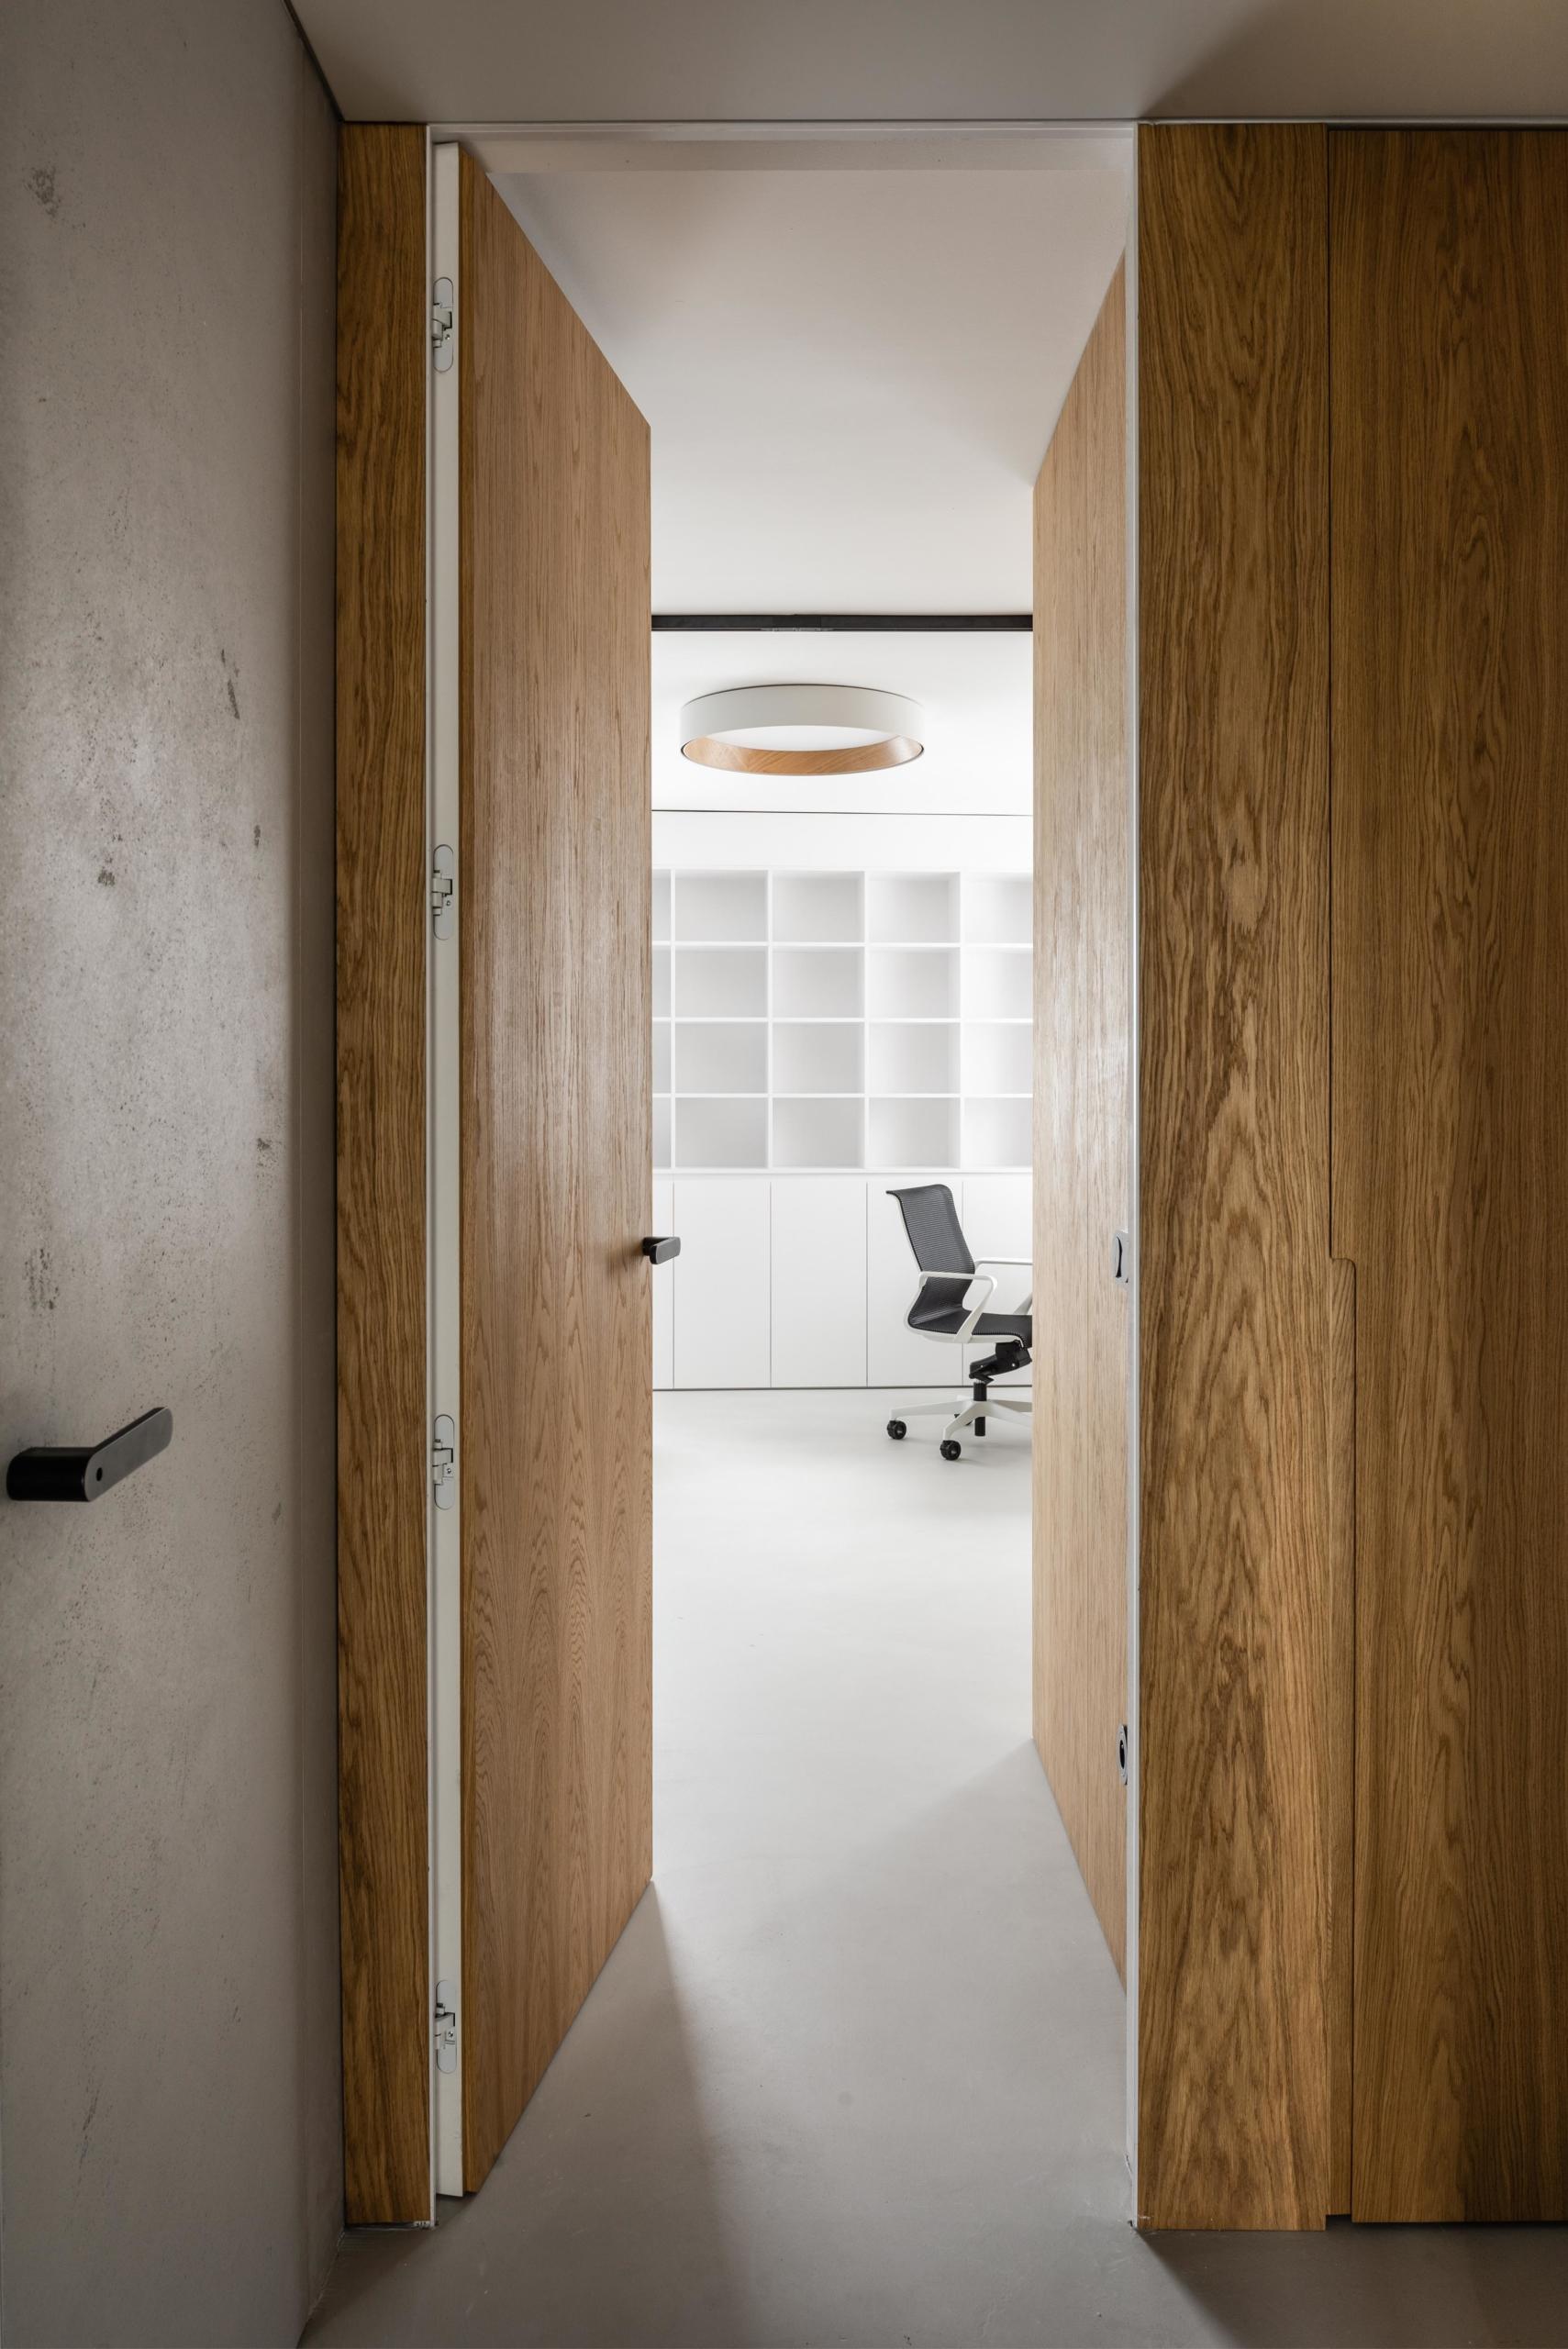 Dveře ve skryté zárubni DORSIS - jedna strana v povrchové úpravě dýha dub, druhá strana betonová stěrka